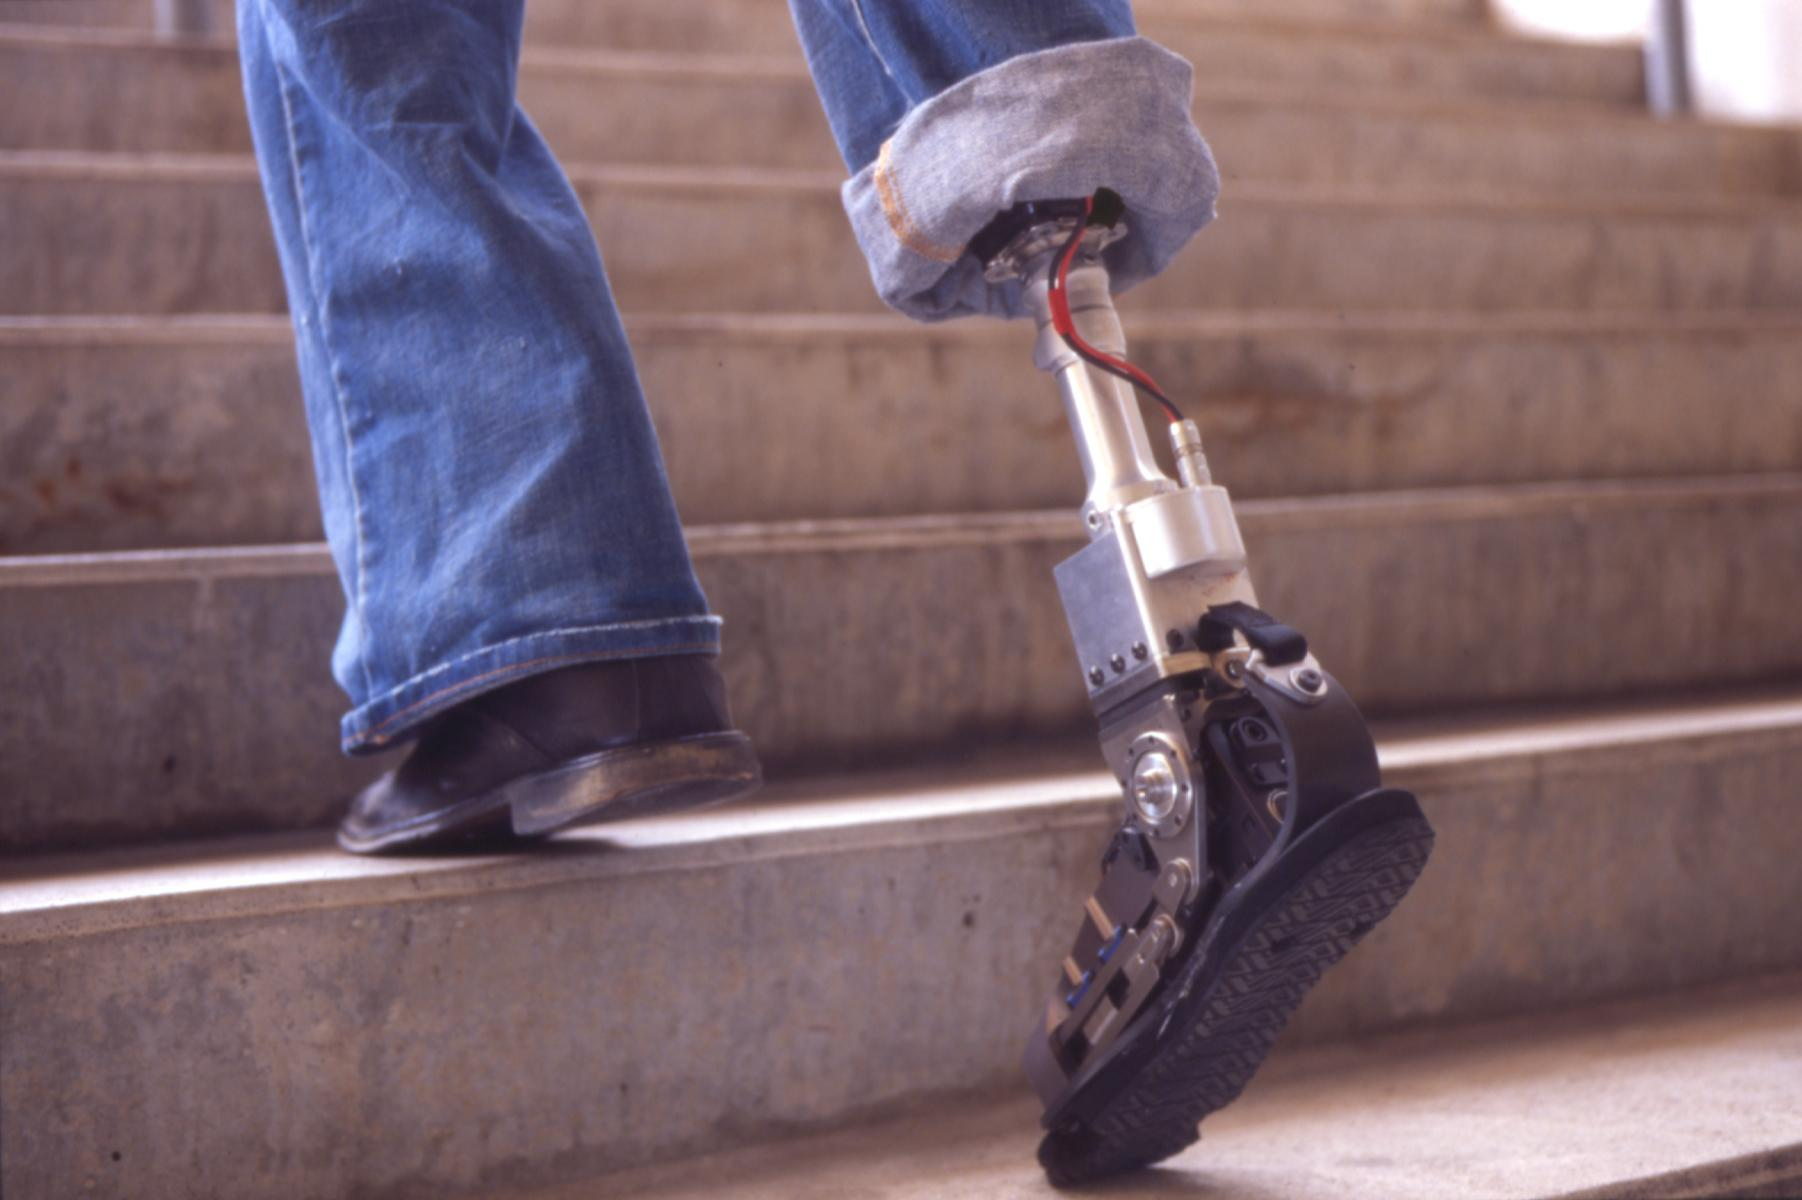 CIDH llama a garantizar derechos de discapacitados en centros de salud mental